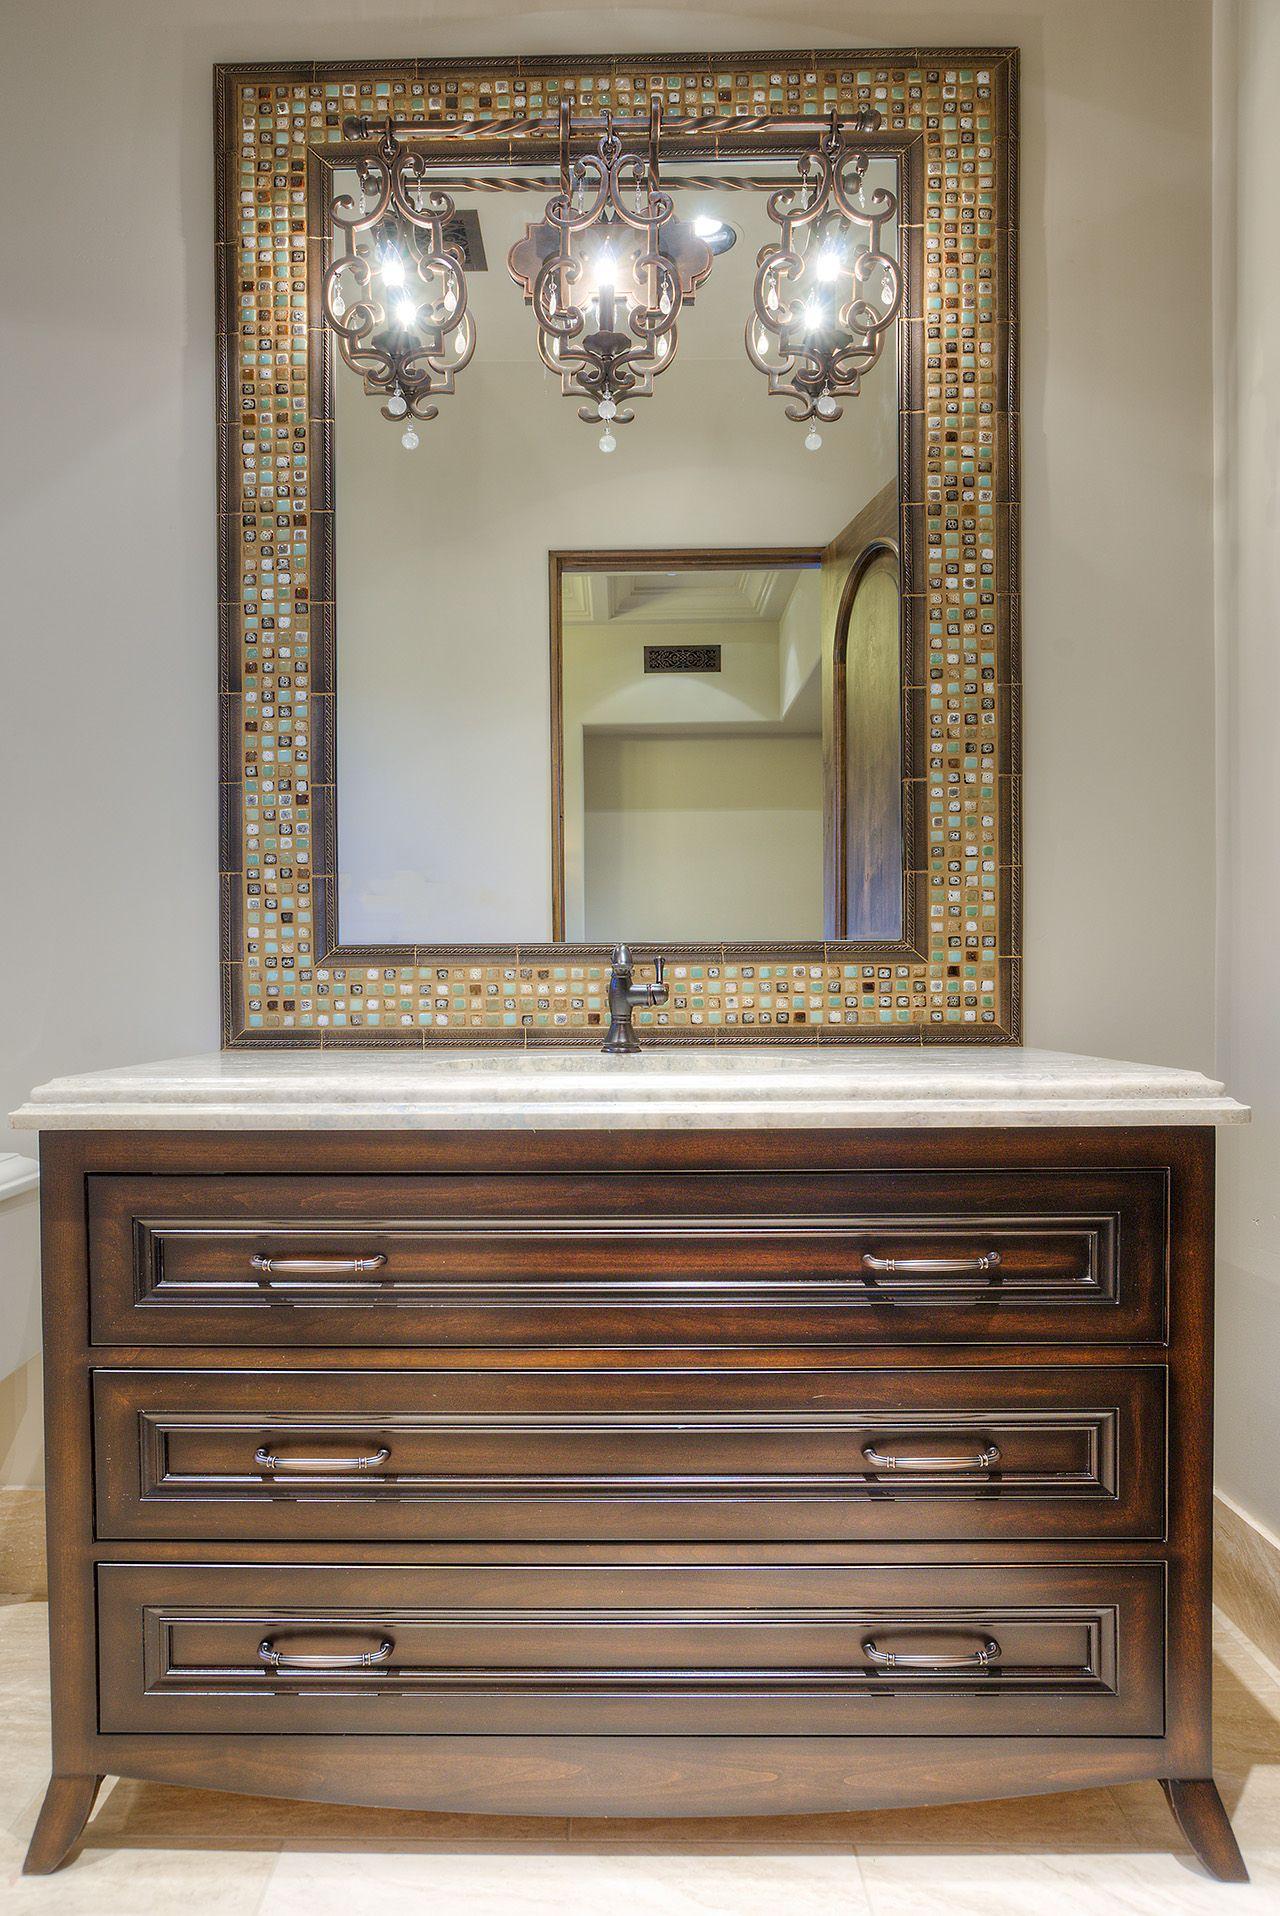 Furniture Style Vanity With A Mosaic Mirror Behind Elegant Vanity Lighting.